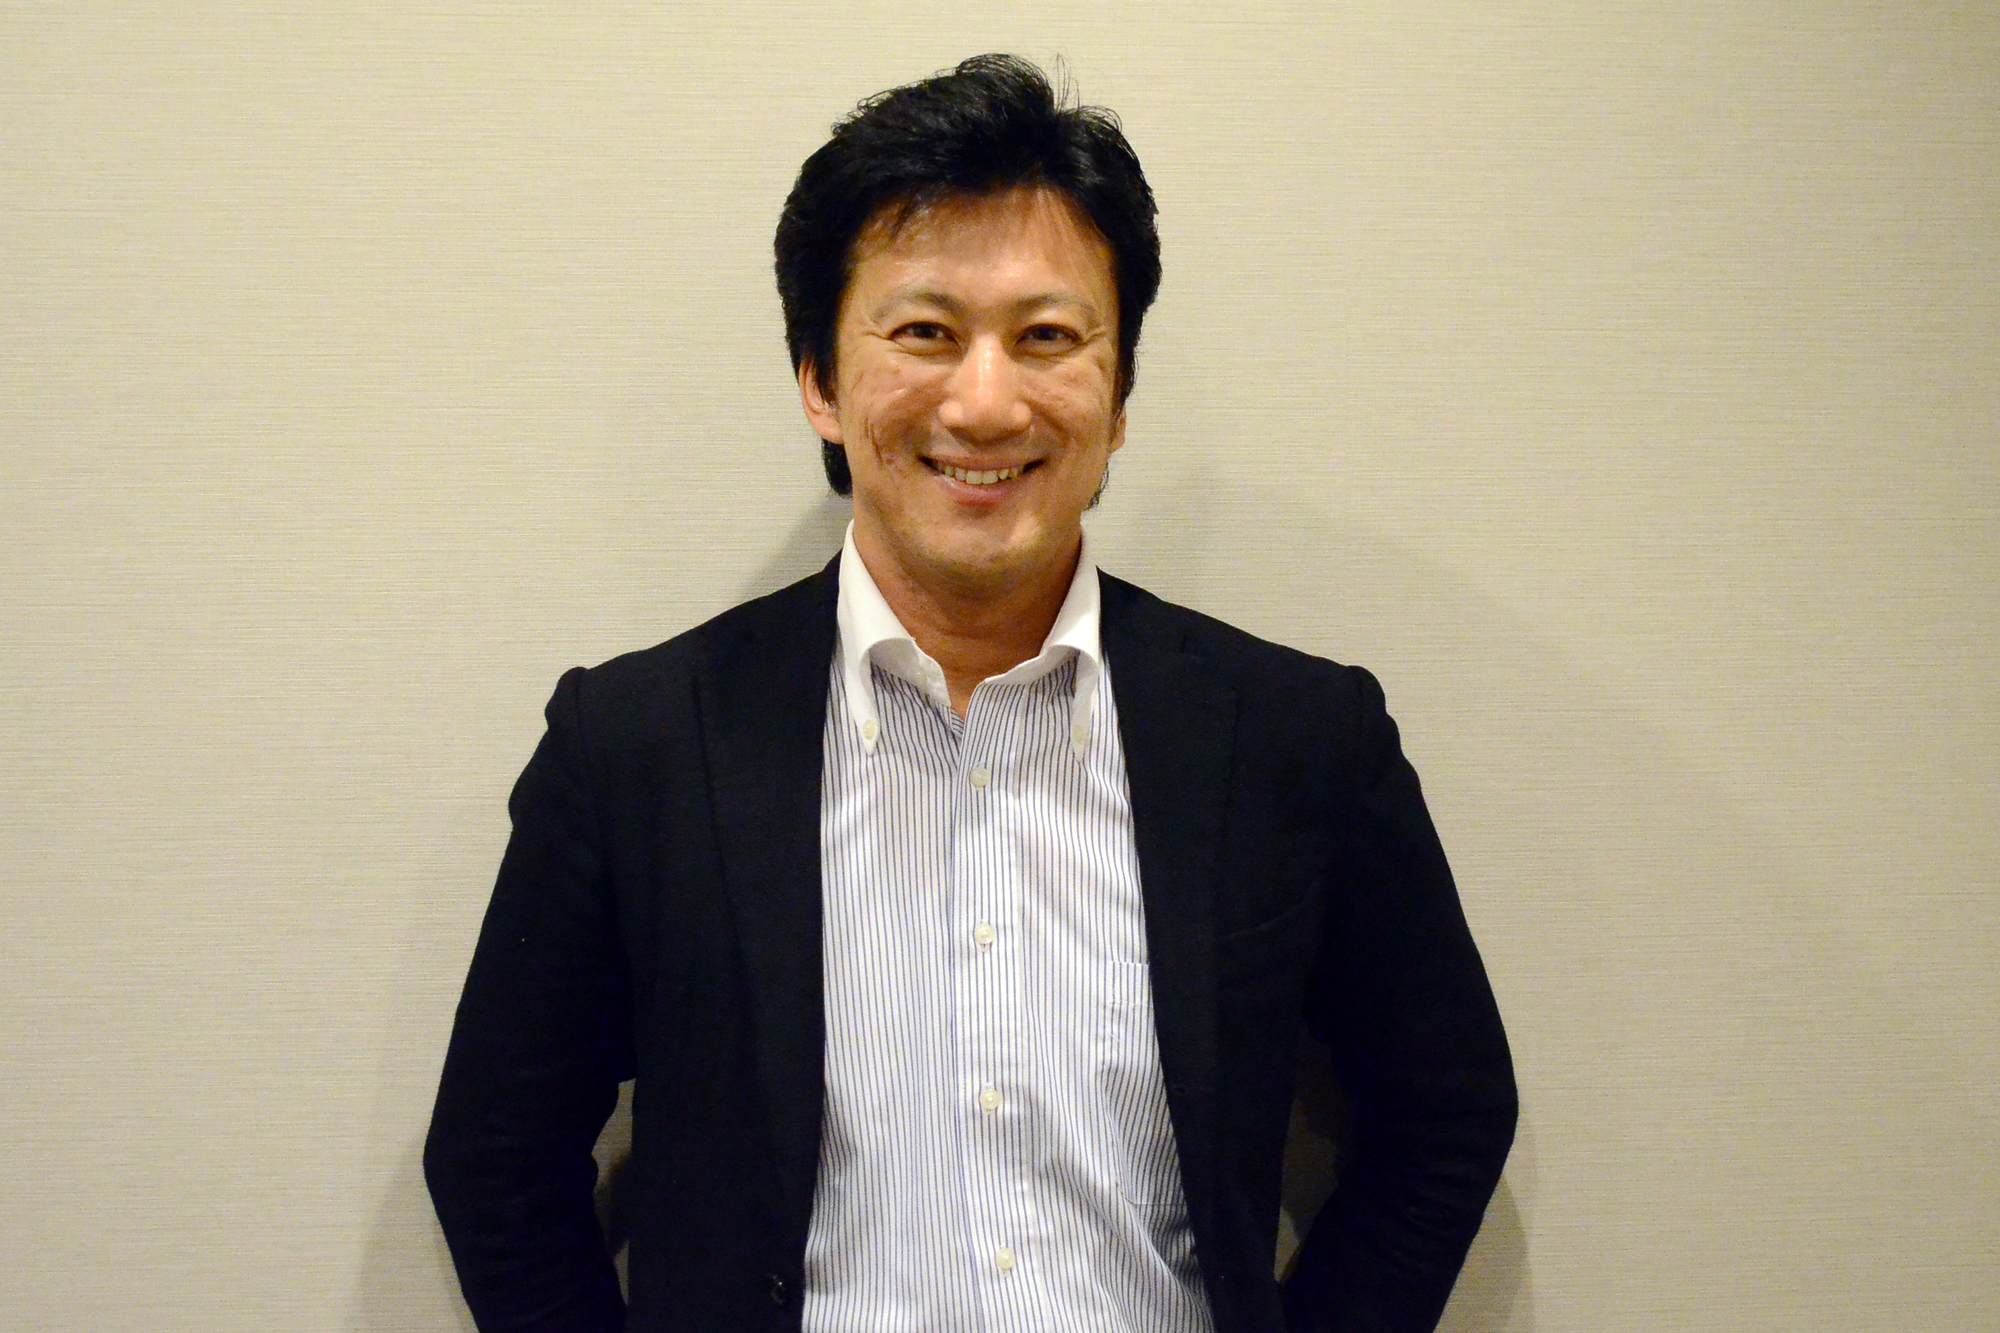 アスエイト・アドバイザリー株式会社代表 田中大祐さん